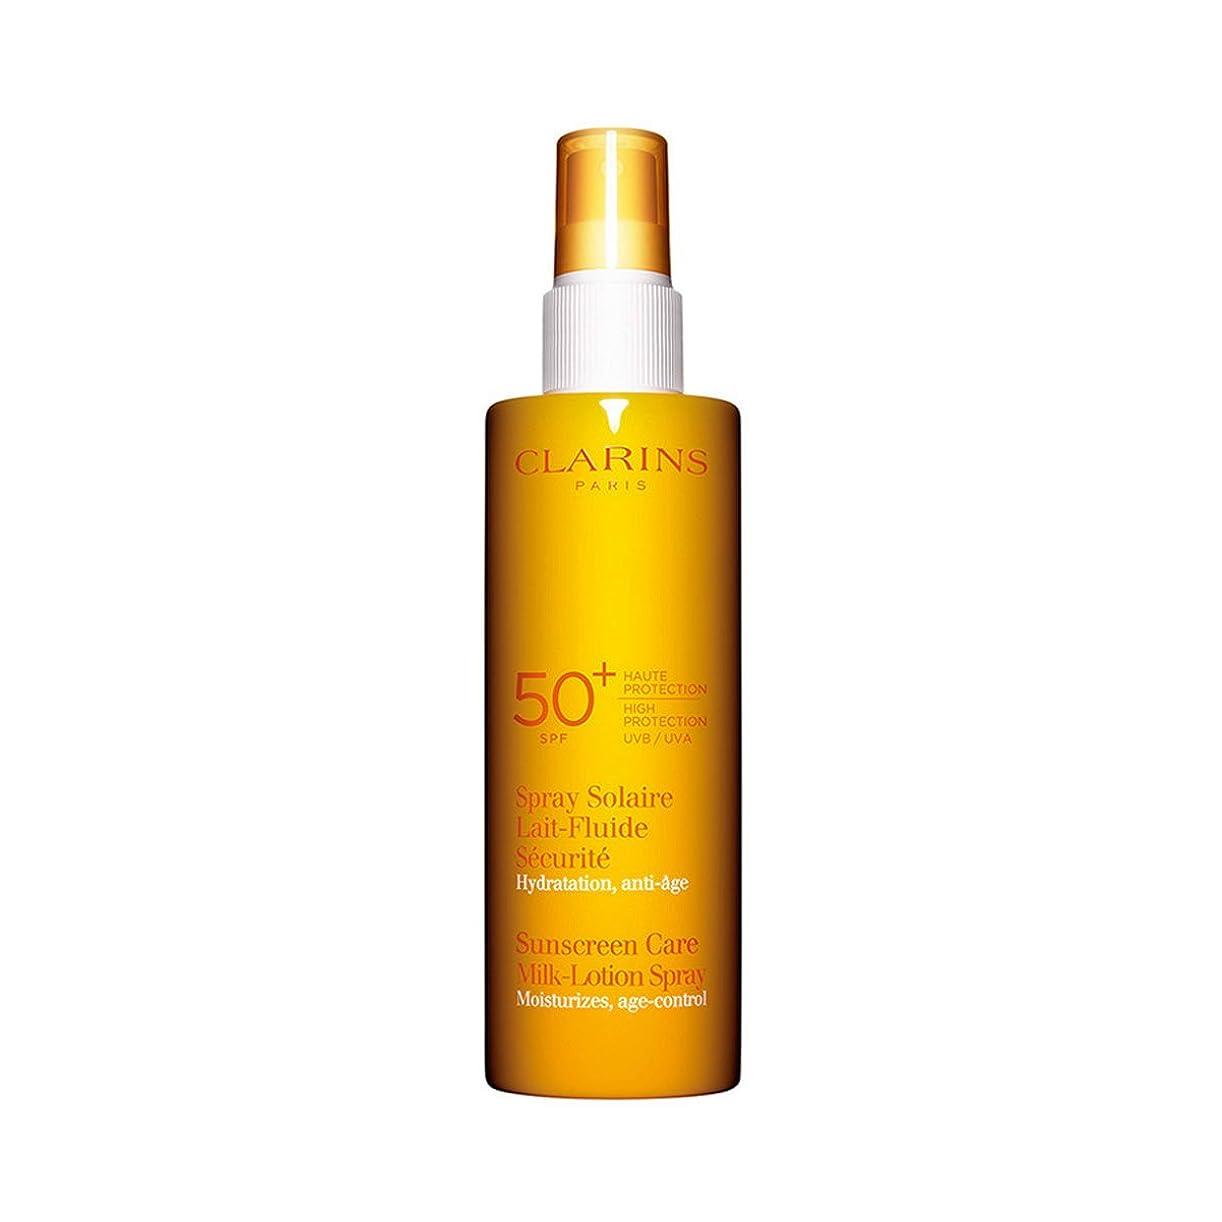 うなずく環境保護主義者悩みClarins Sun Care Milk-lotion Spray Uva/uvb 50 150ml [並行輸入品]